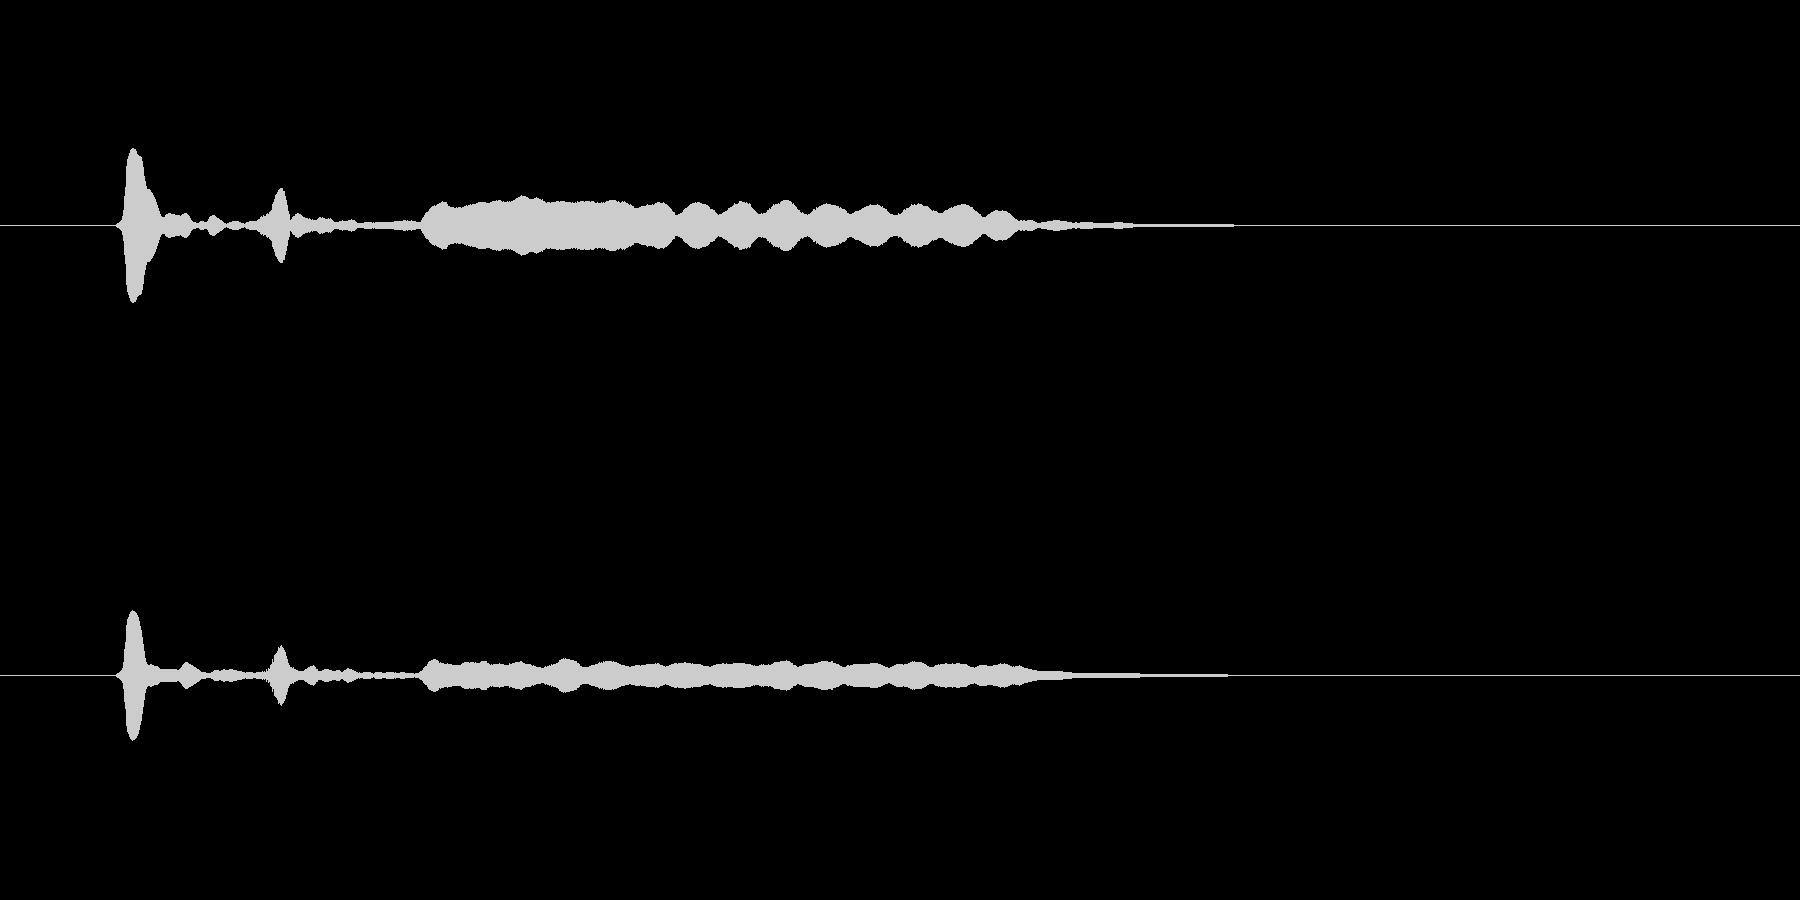 ピ、ピ、プーというフルートのような音の未再生の波形